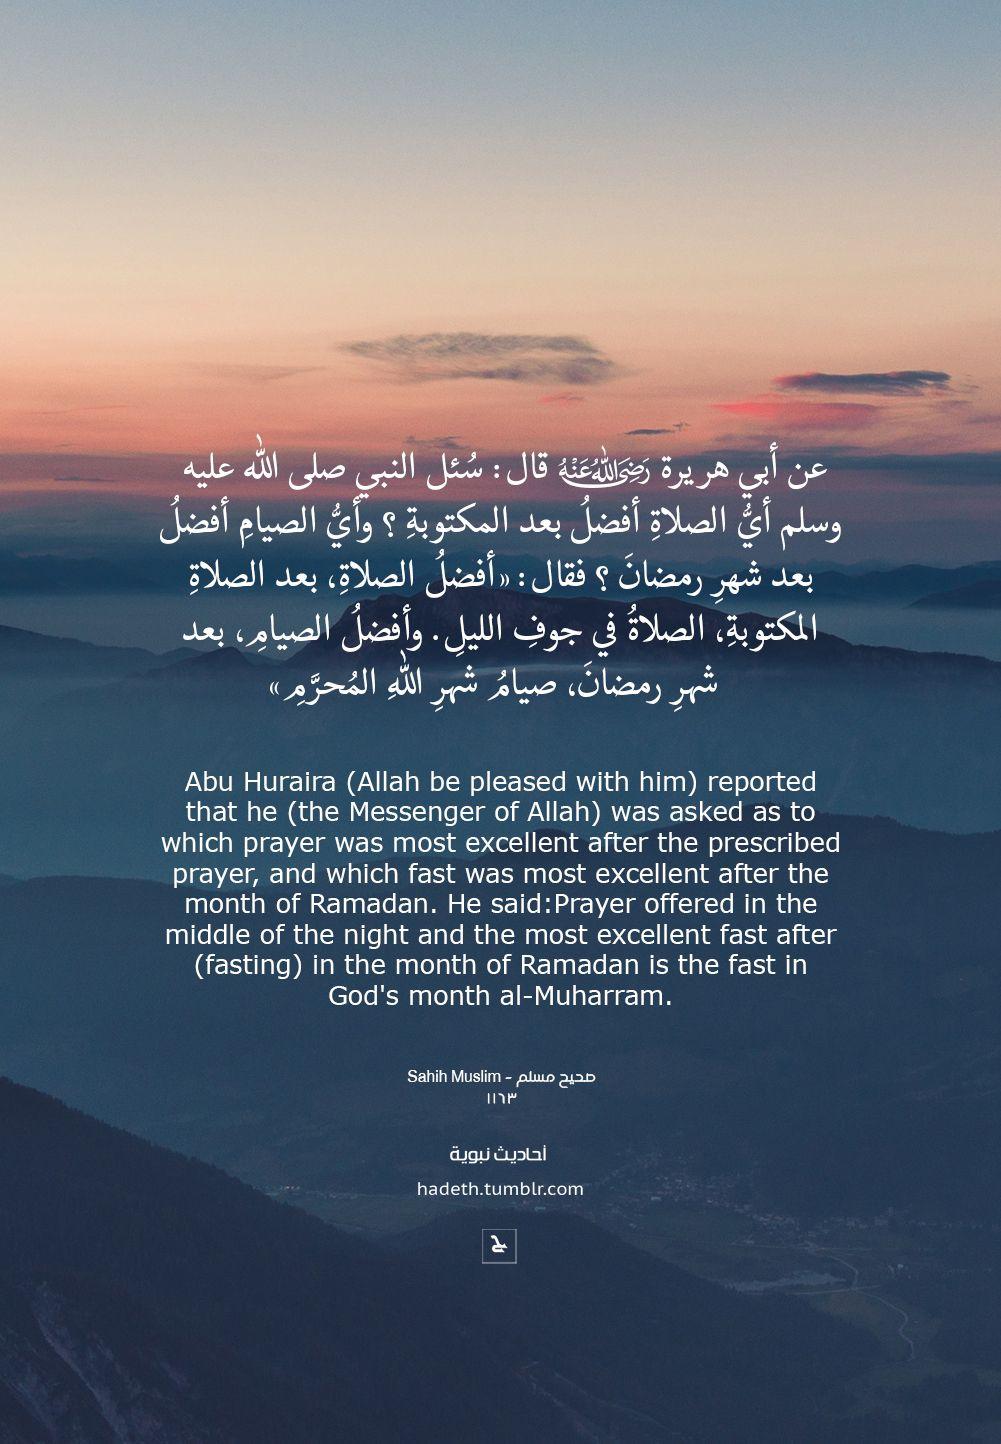 عن أبي هريرة رضي الله عنه قال س ئل النبي صلى الله عليه وسلم أي الصلاة أفضل بعد المكتوبة Islamic Quotes Quran Islamic Love Quotes Beautiful Quran Quotes